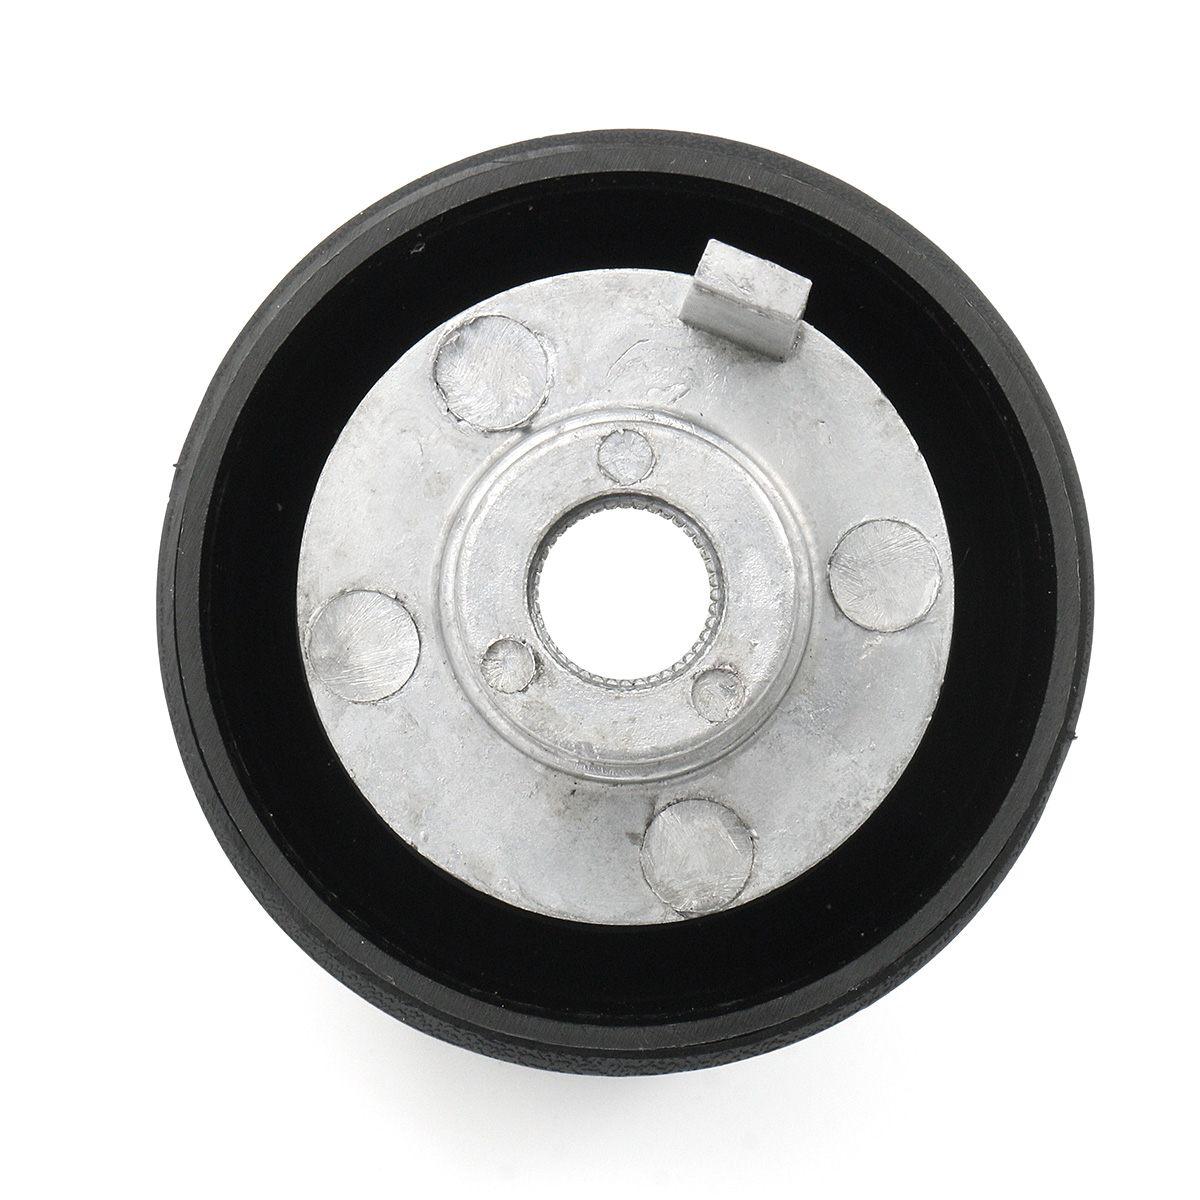 Ступица рулевого колеса быстроразъемный адаптер Boss комплект для PEUGEOT 106 306 Универсальный